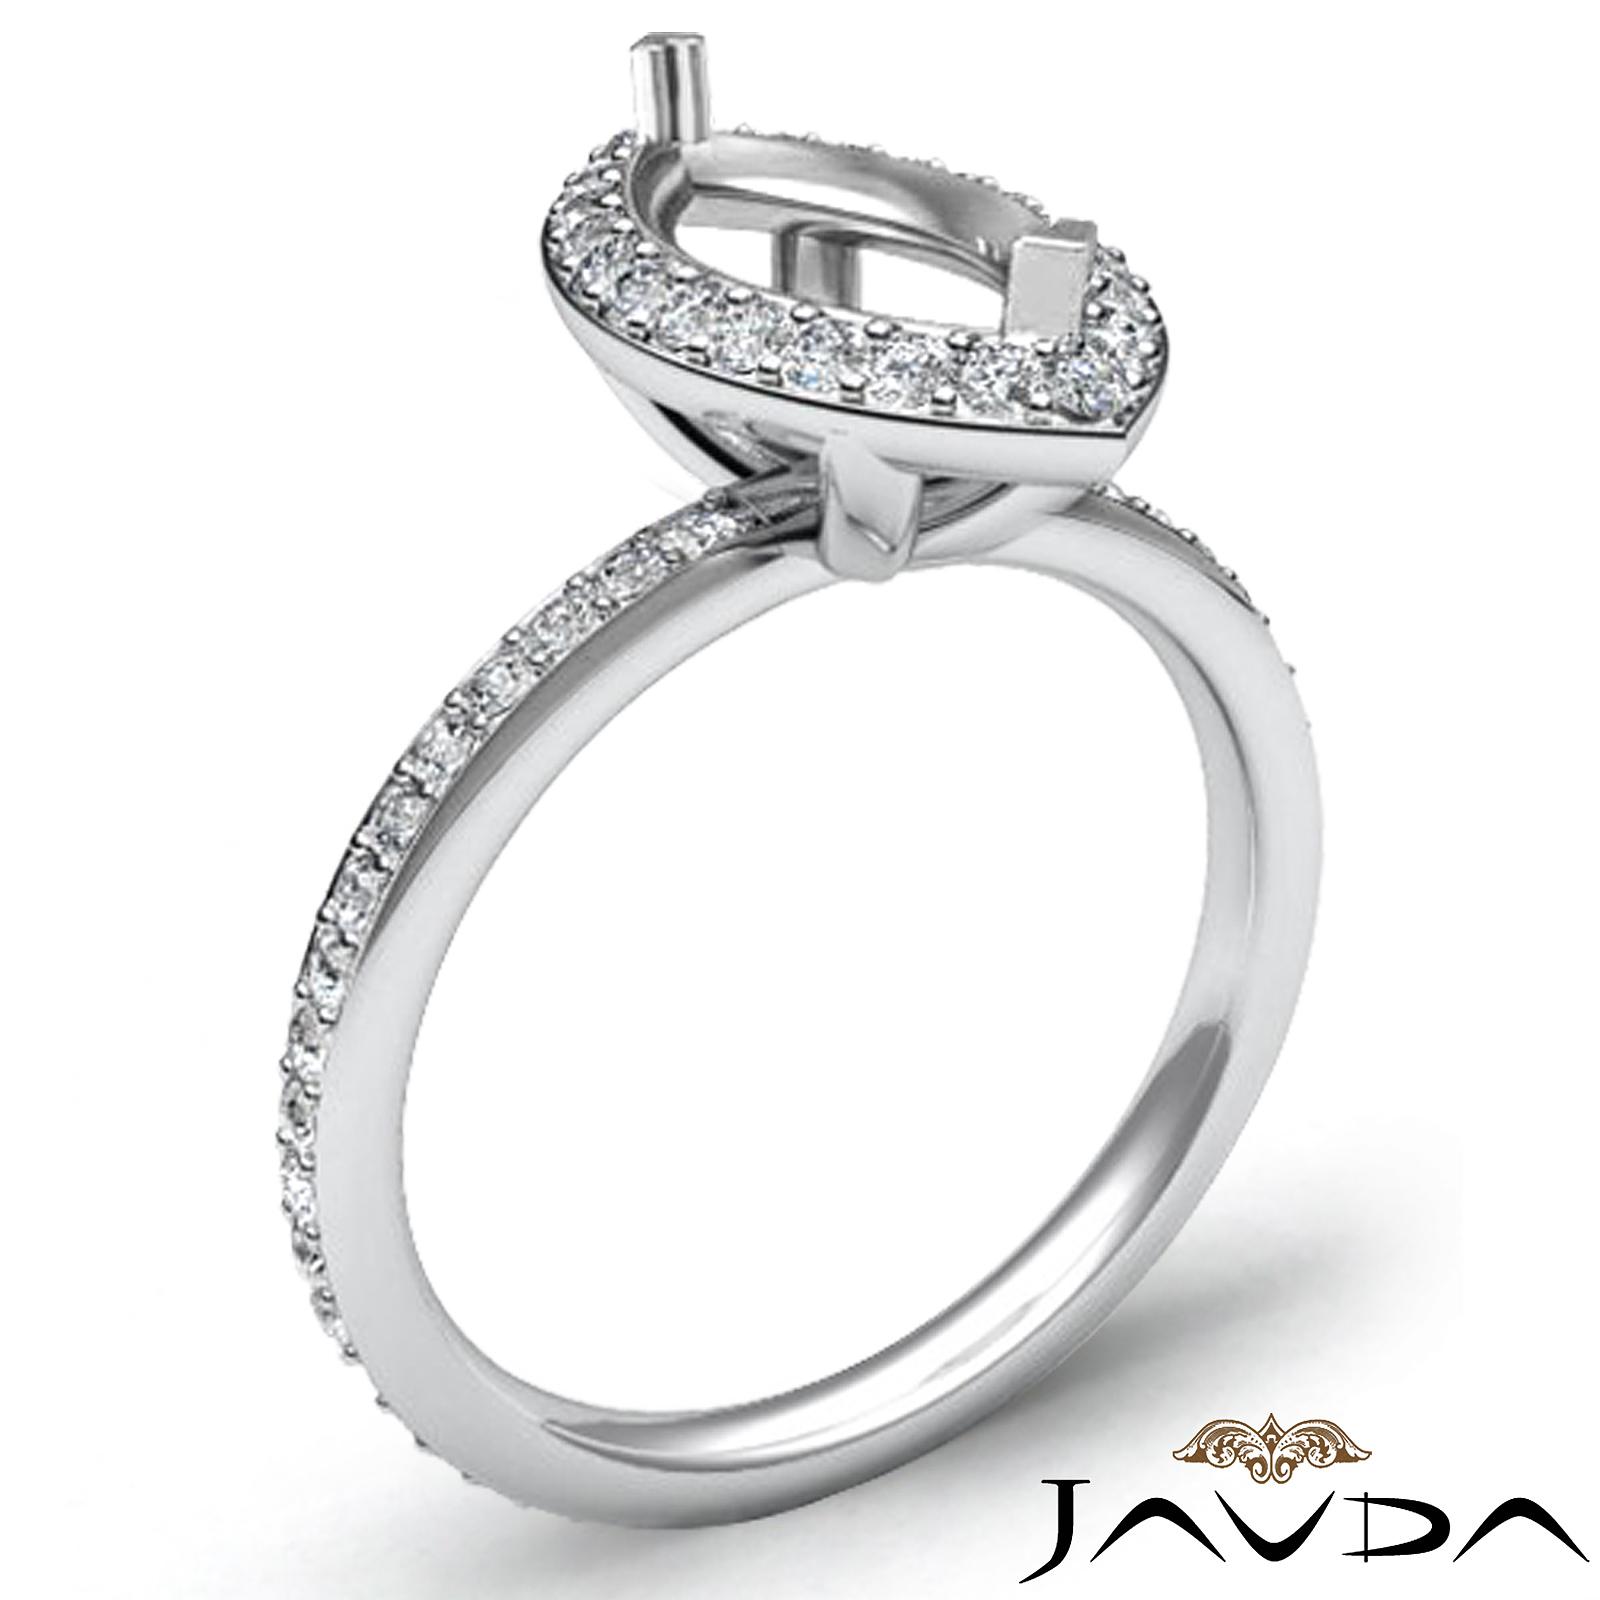 Diamond Engagement Marquise Shape Ring 18k White Gold Halo Setting Semi Mount